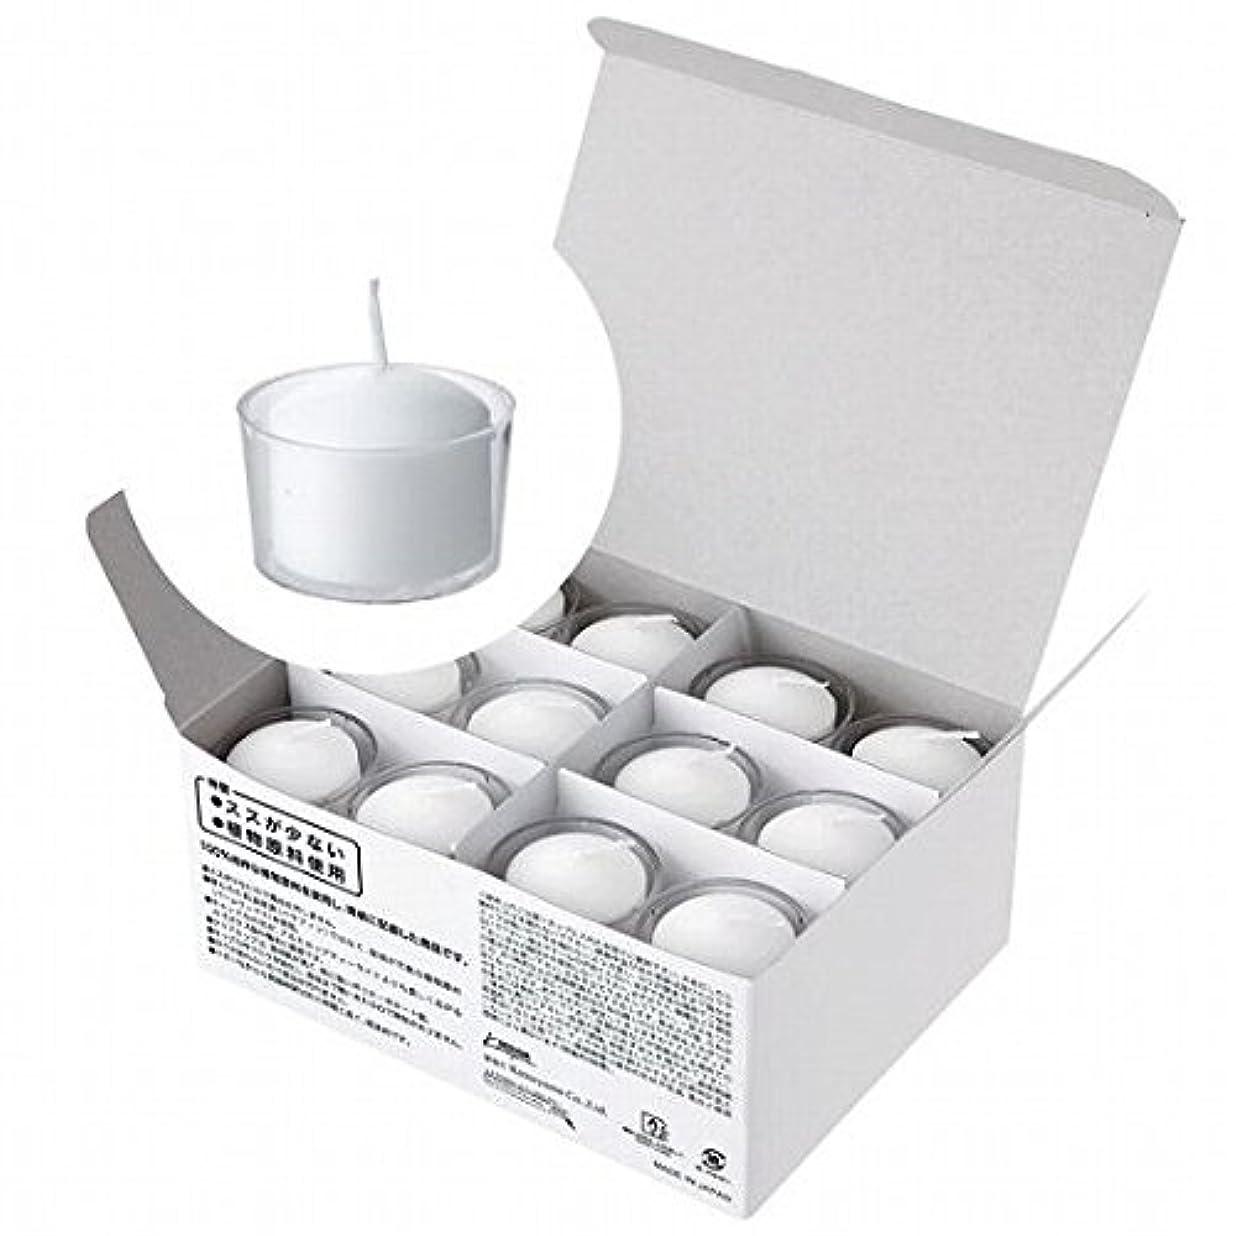 気づく幻影もっとkameyama candle(カメヤマキャンドル) クレア 5時間タイプ24個入り【ススが出にくいキャンドル】「 ホワイト 」(A8165524W)